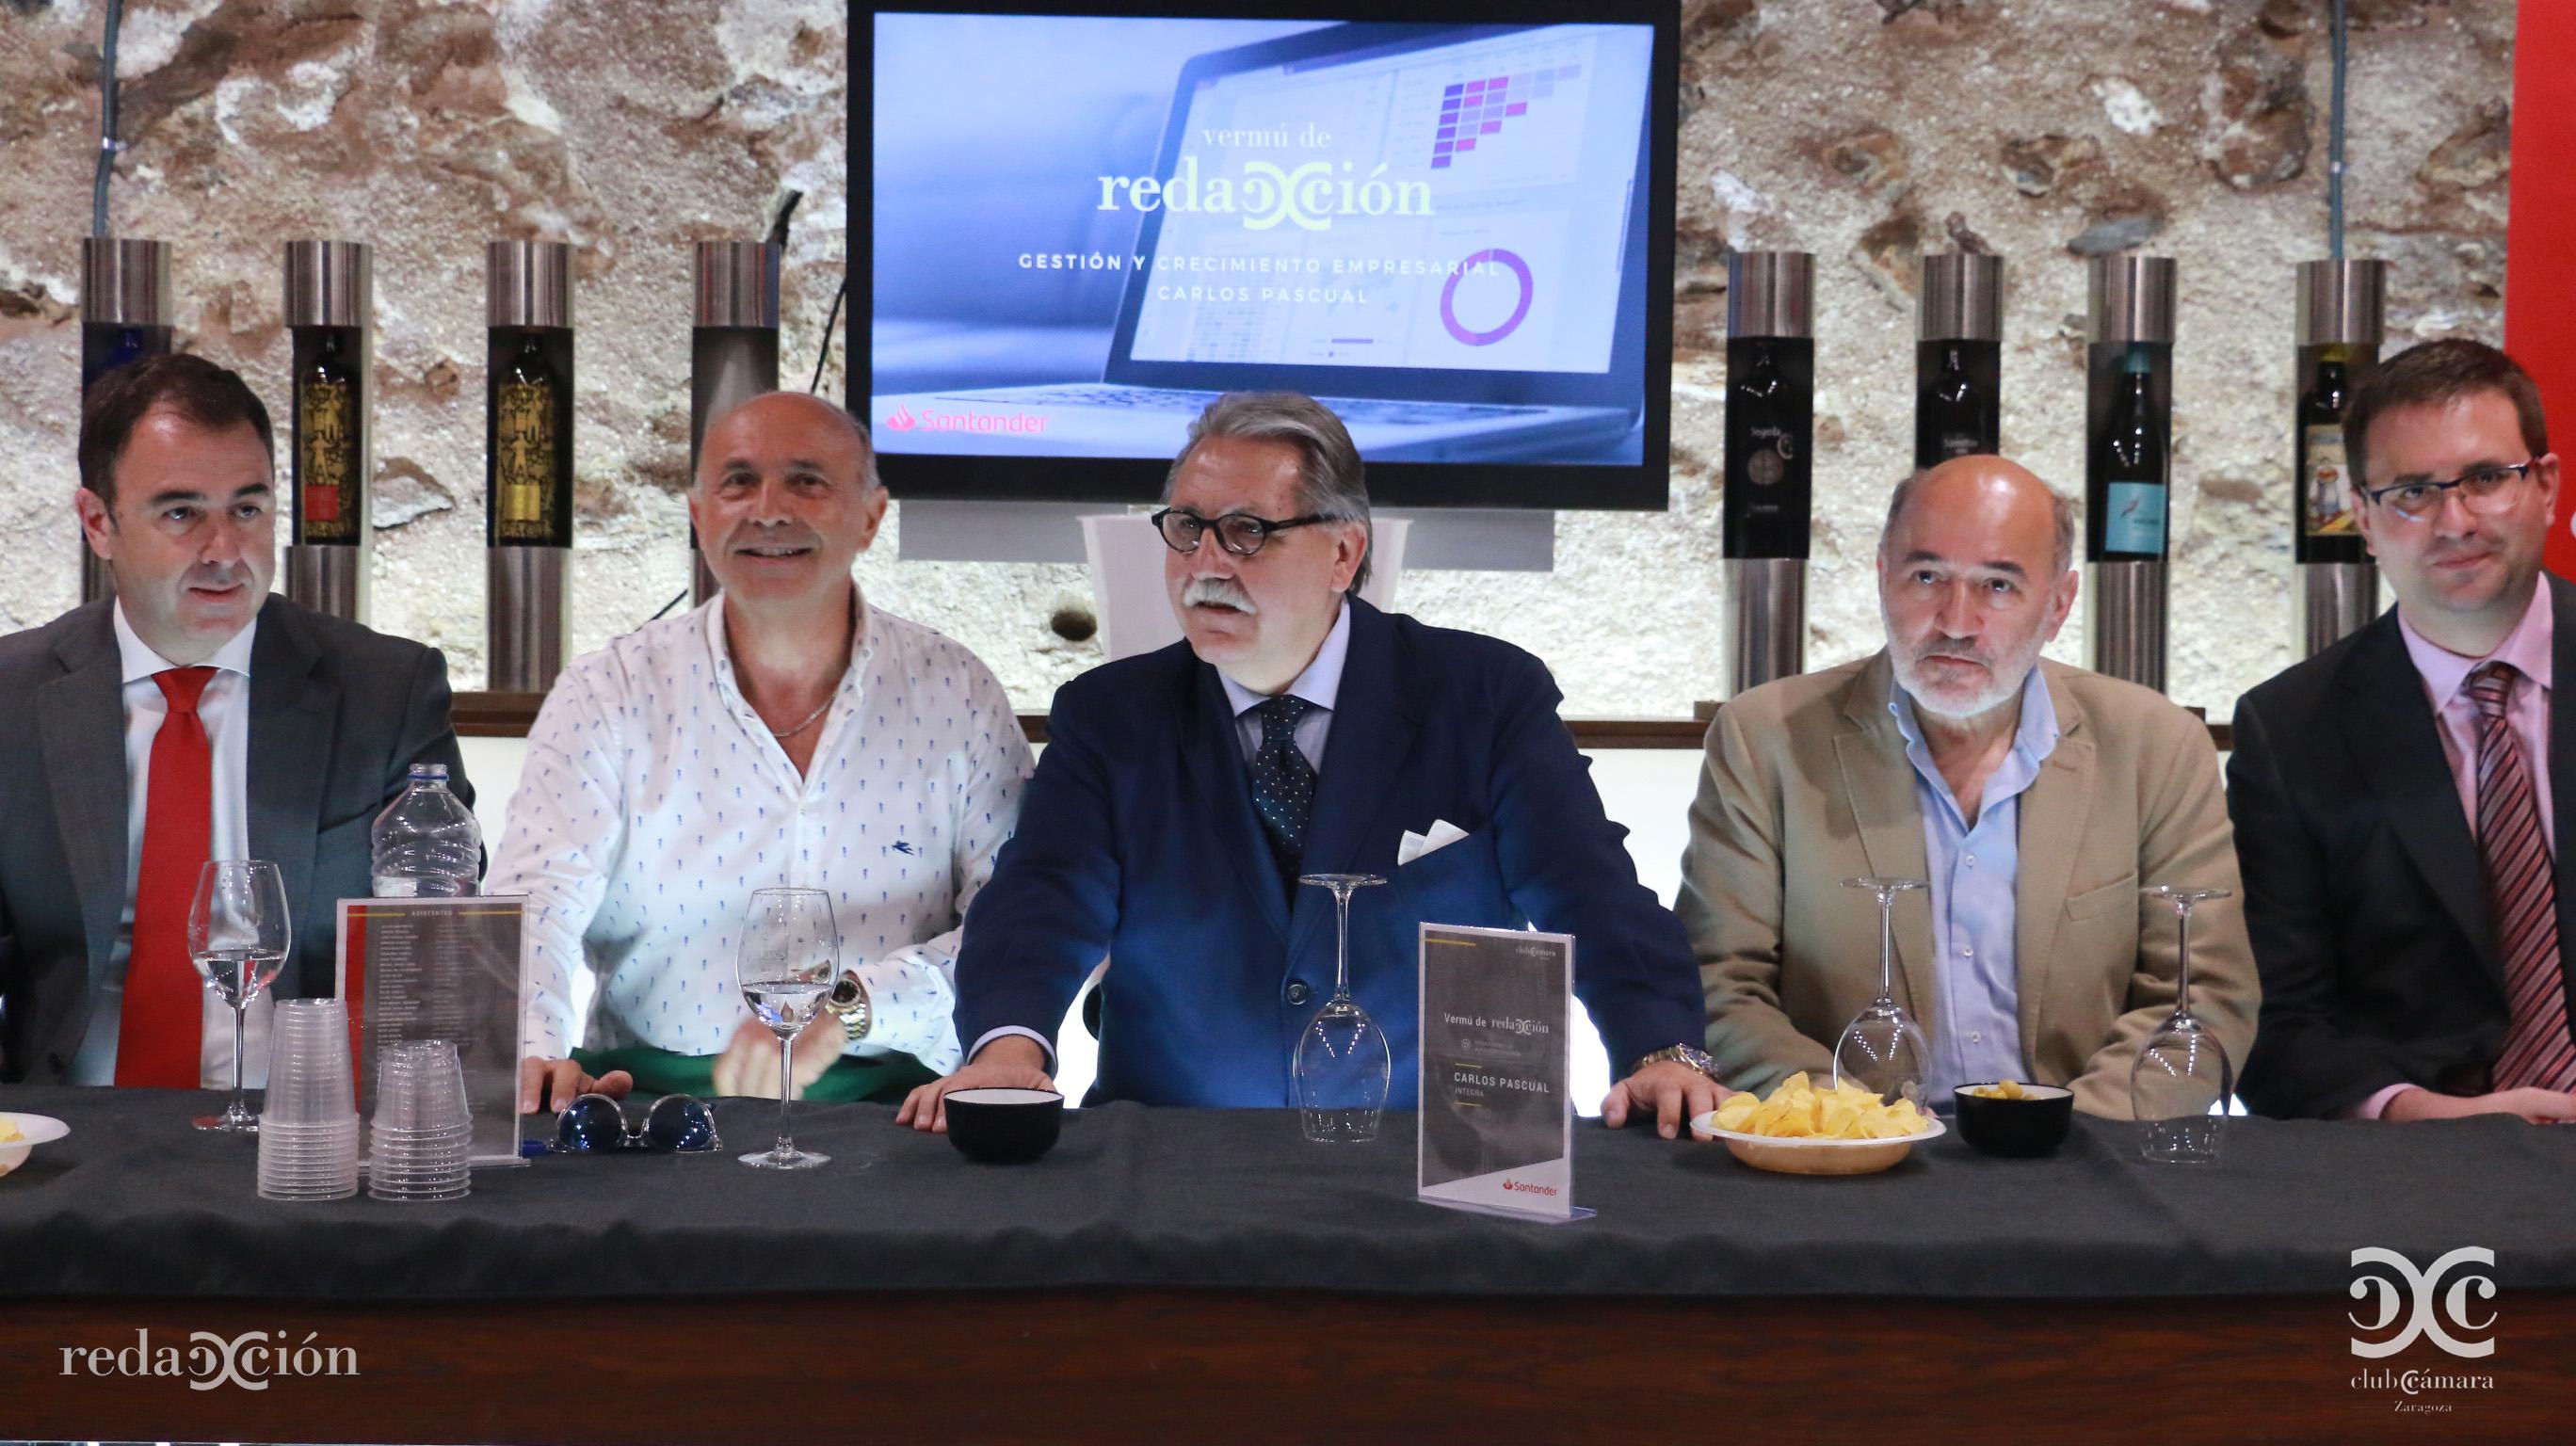 Javier Gallego, Carlos Pascual, Manuel Teruel y José Manuel Aranda. Fotos: Arturo Gascón.